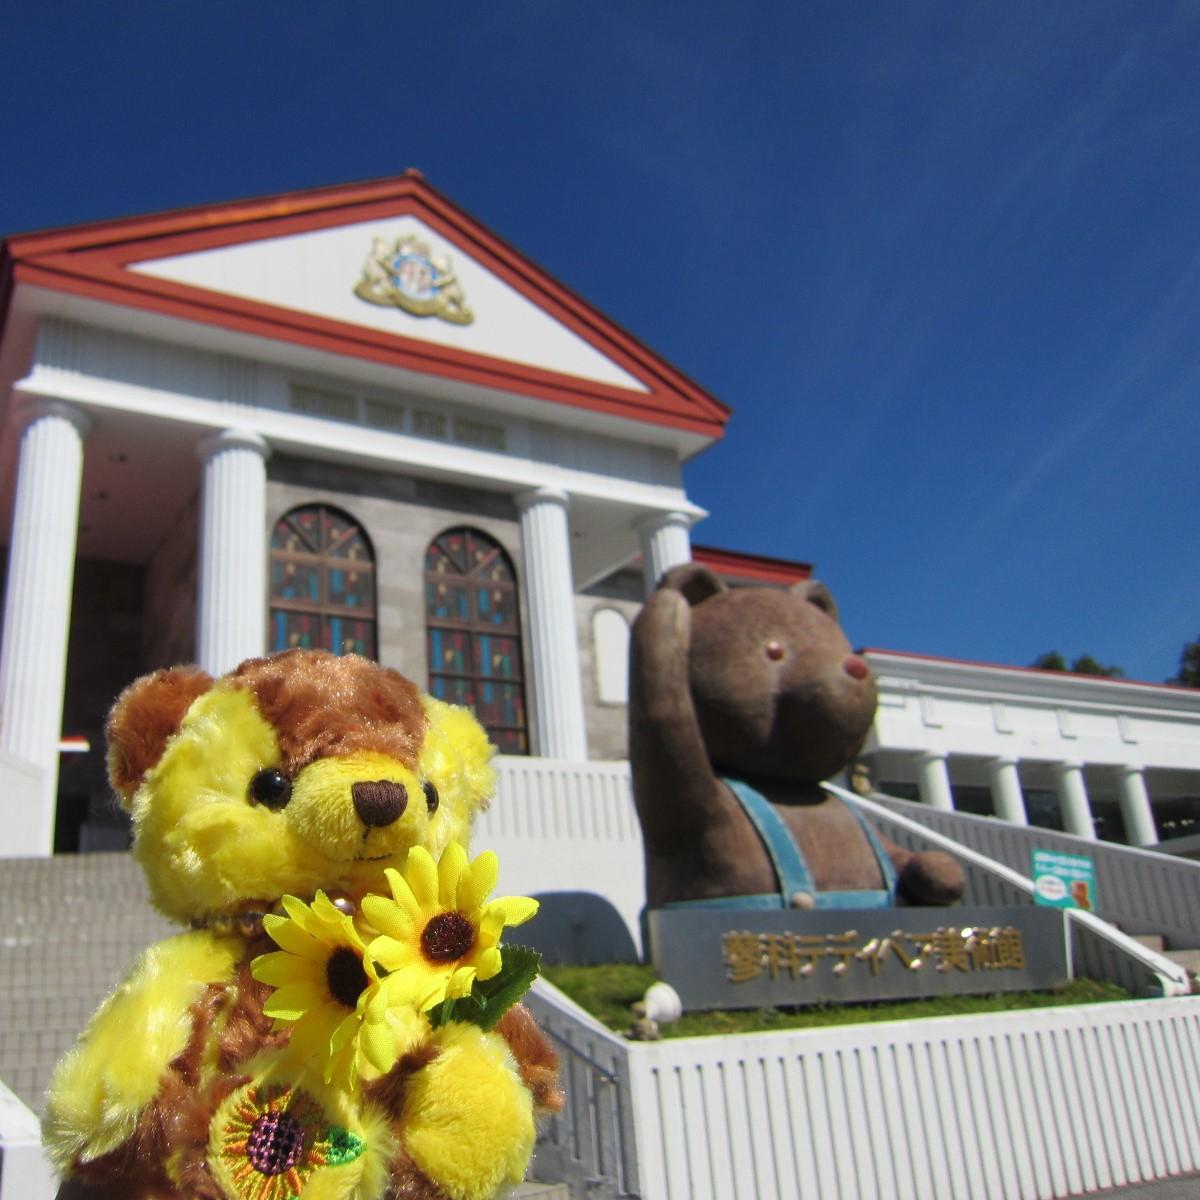 フラワーベア(ヒマワリ)と美術館